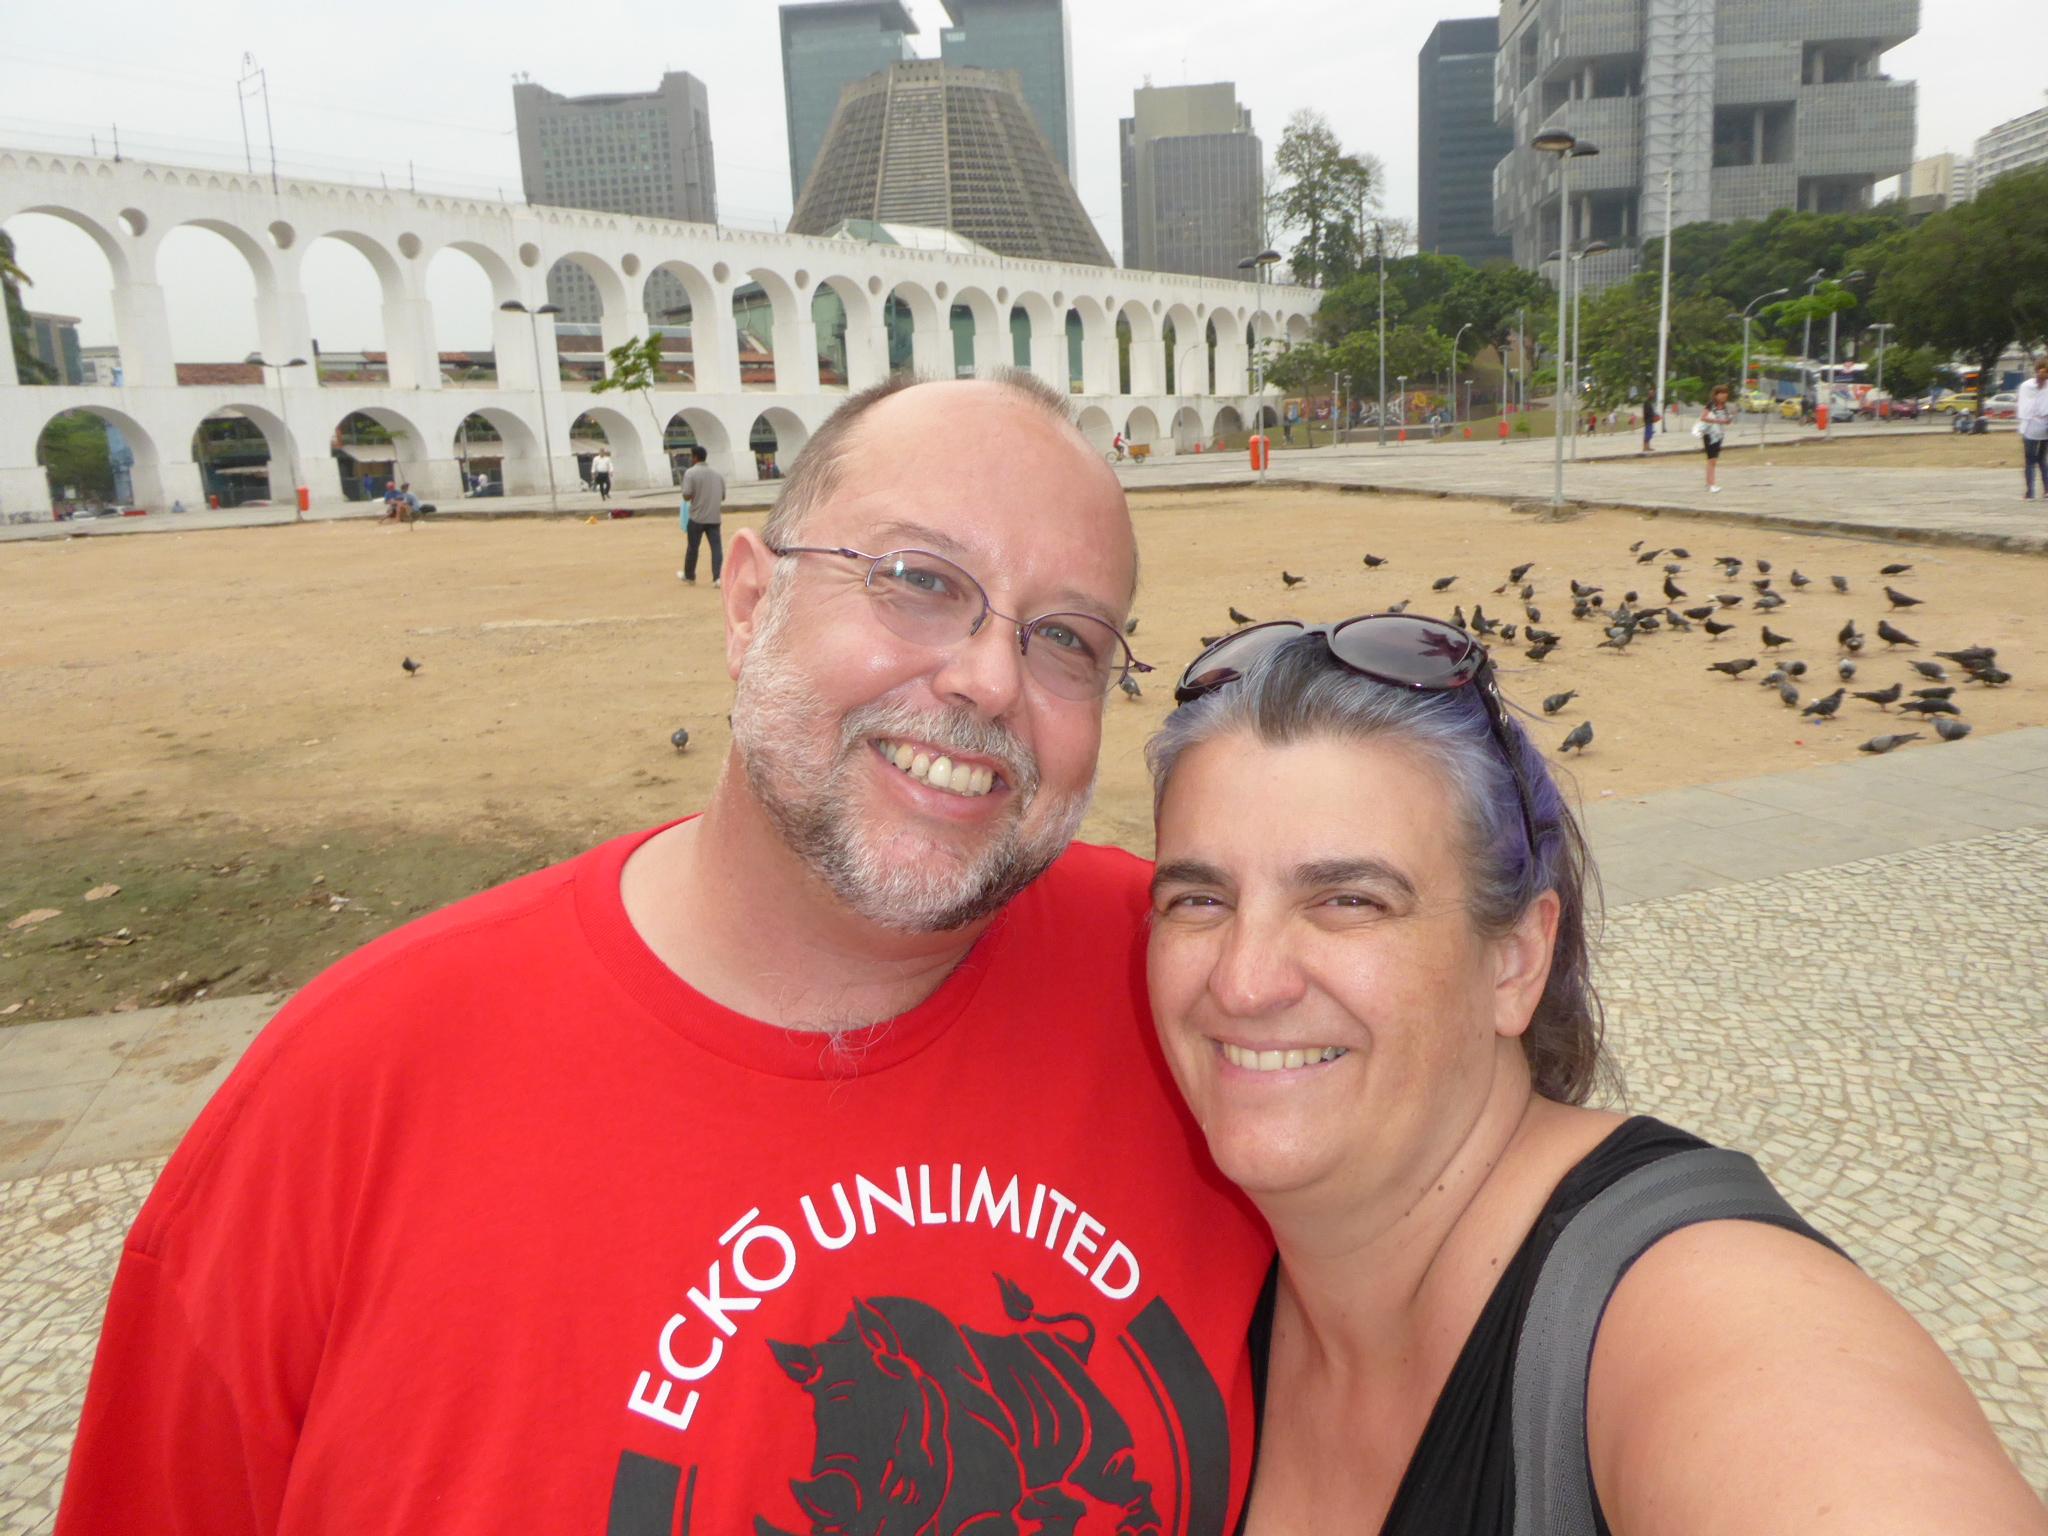 Zusammen vor dem Viadukt (Lapa Arches) und der Katedrale (Catedral de Sao Sebastiao)